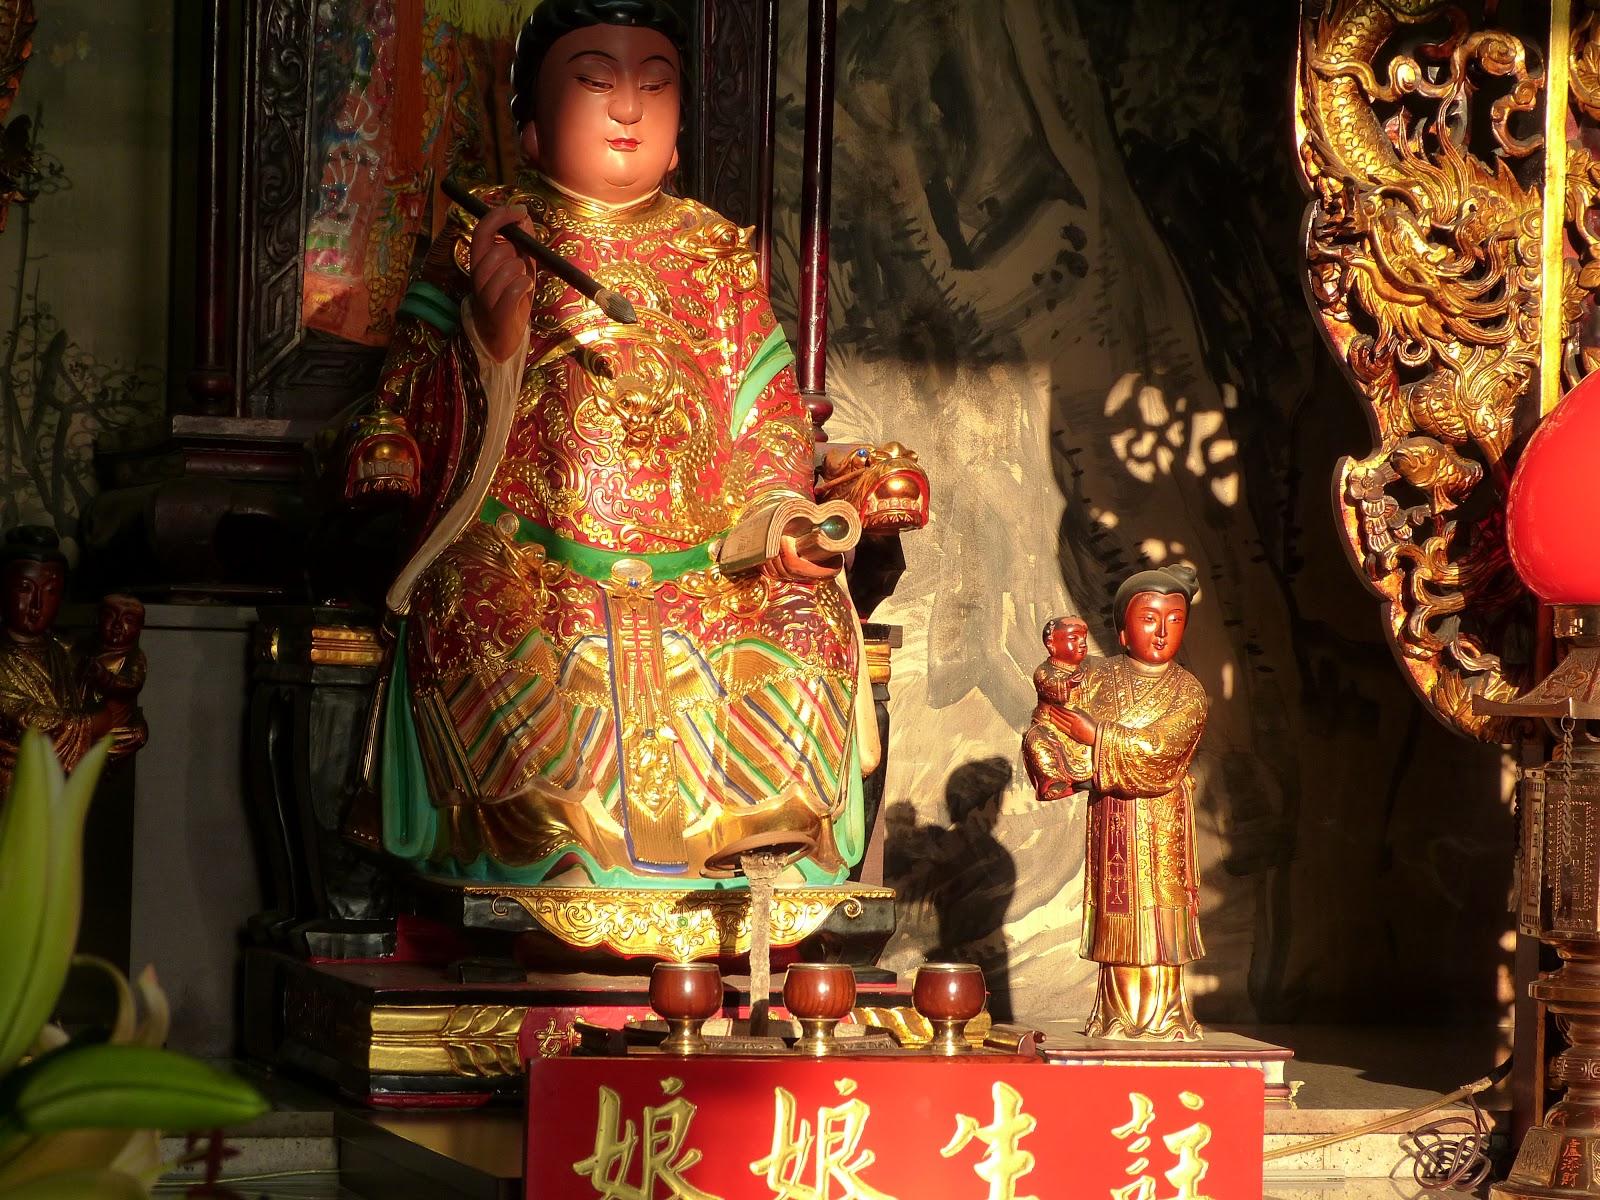 媽祖和她的家庭: 臺中旱溪樂成宮